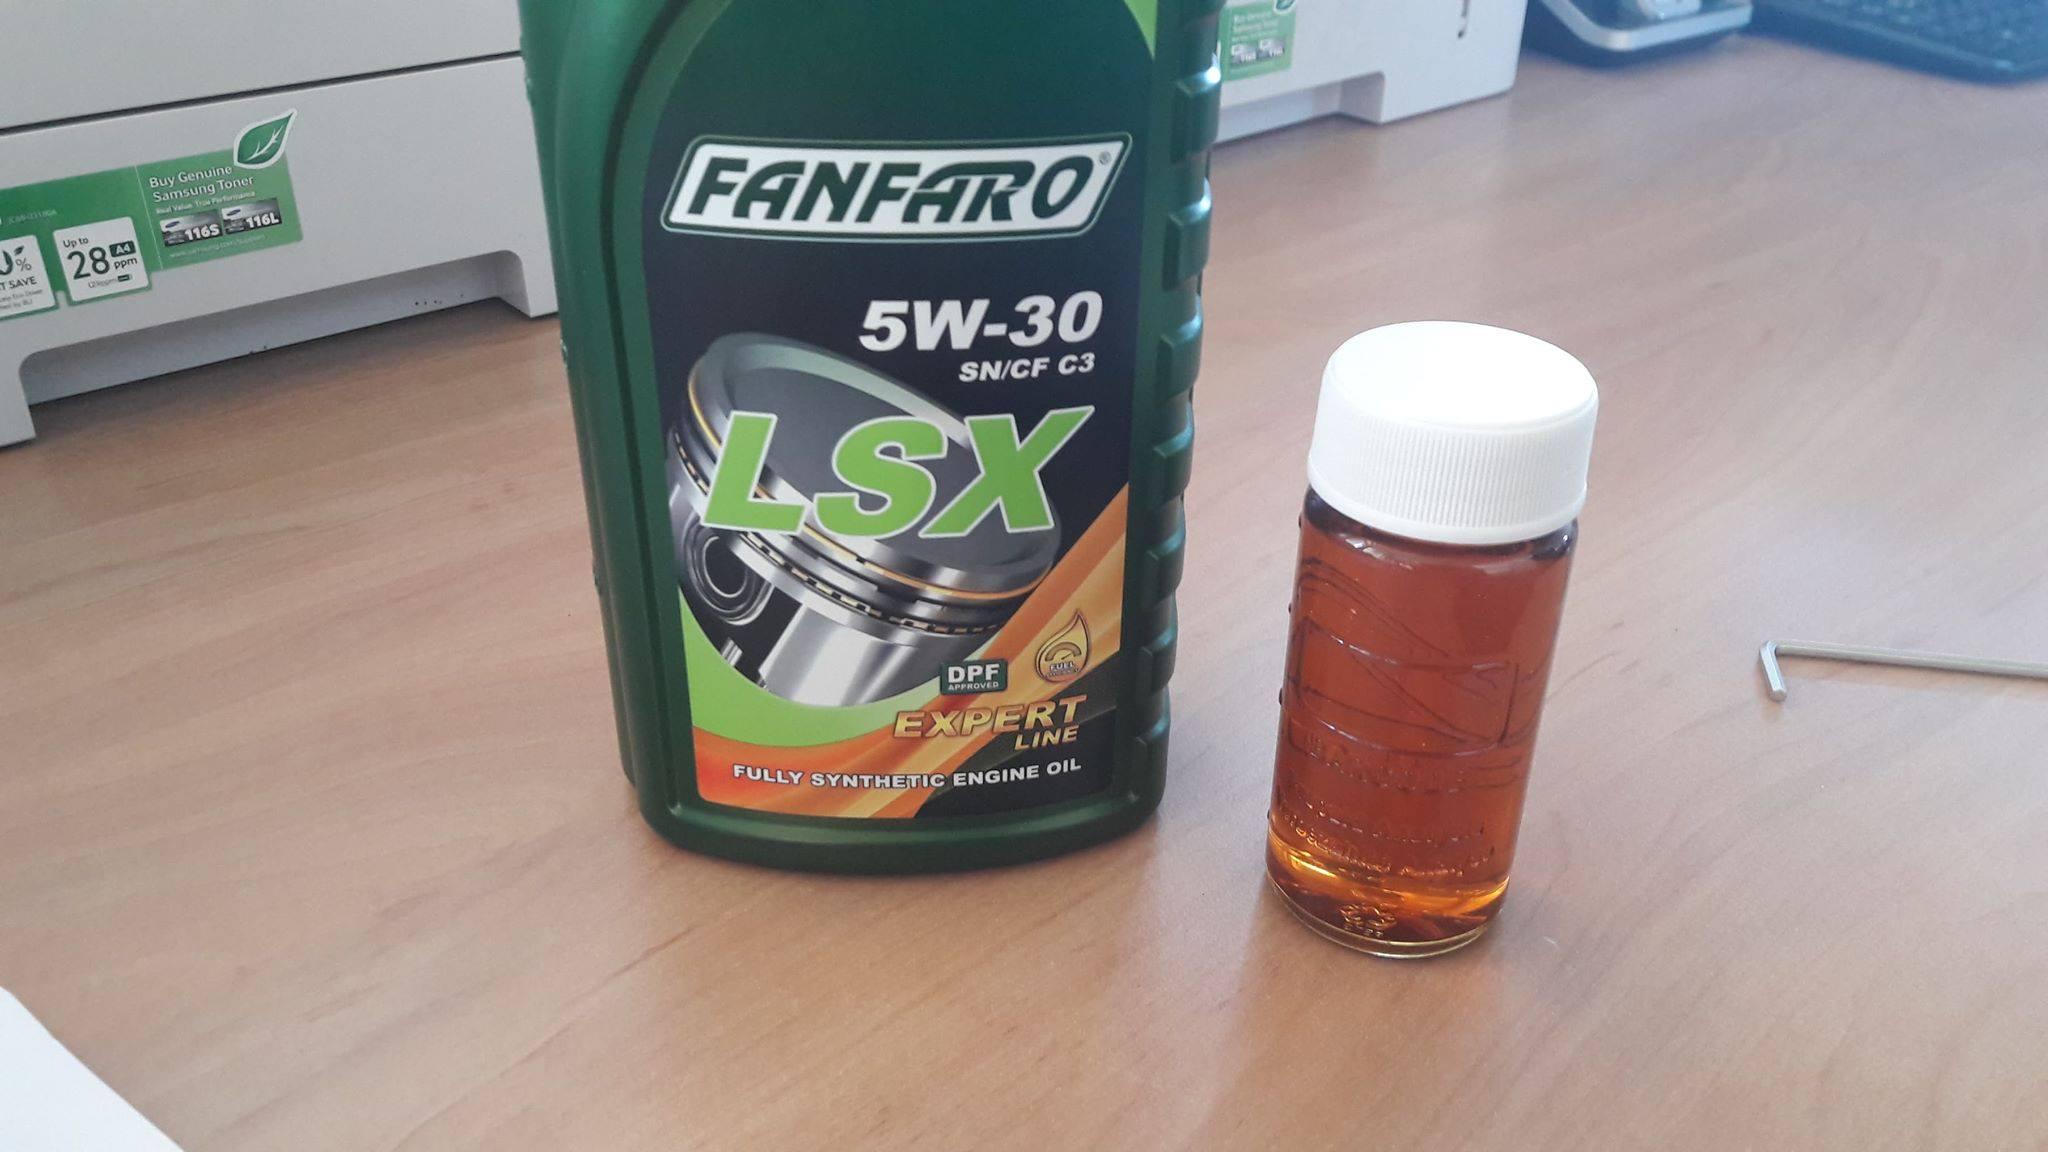 FANFARO LSX 5W-30 API SN/CF